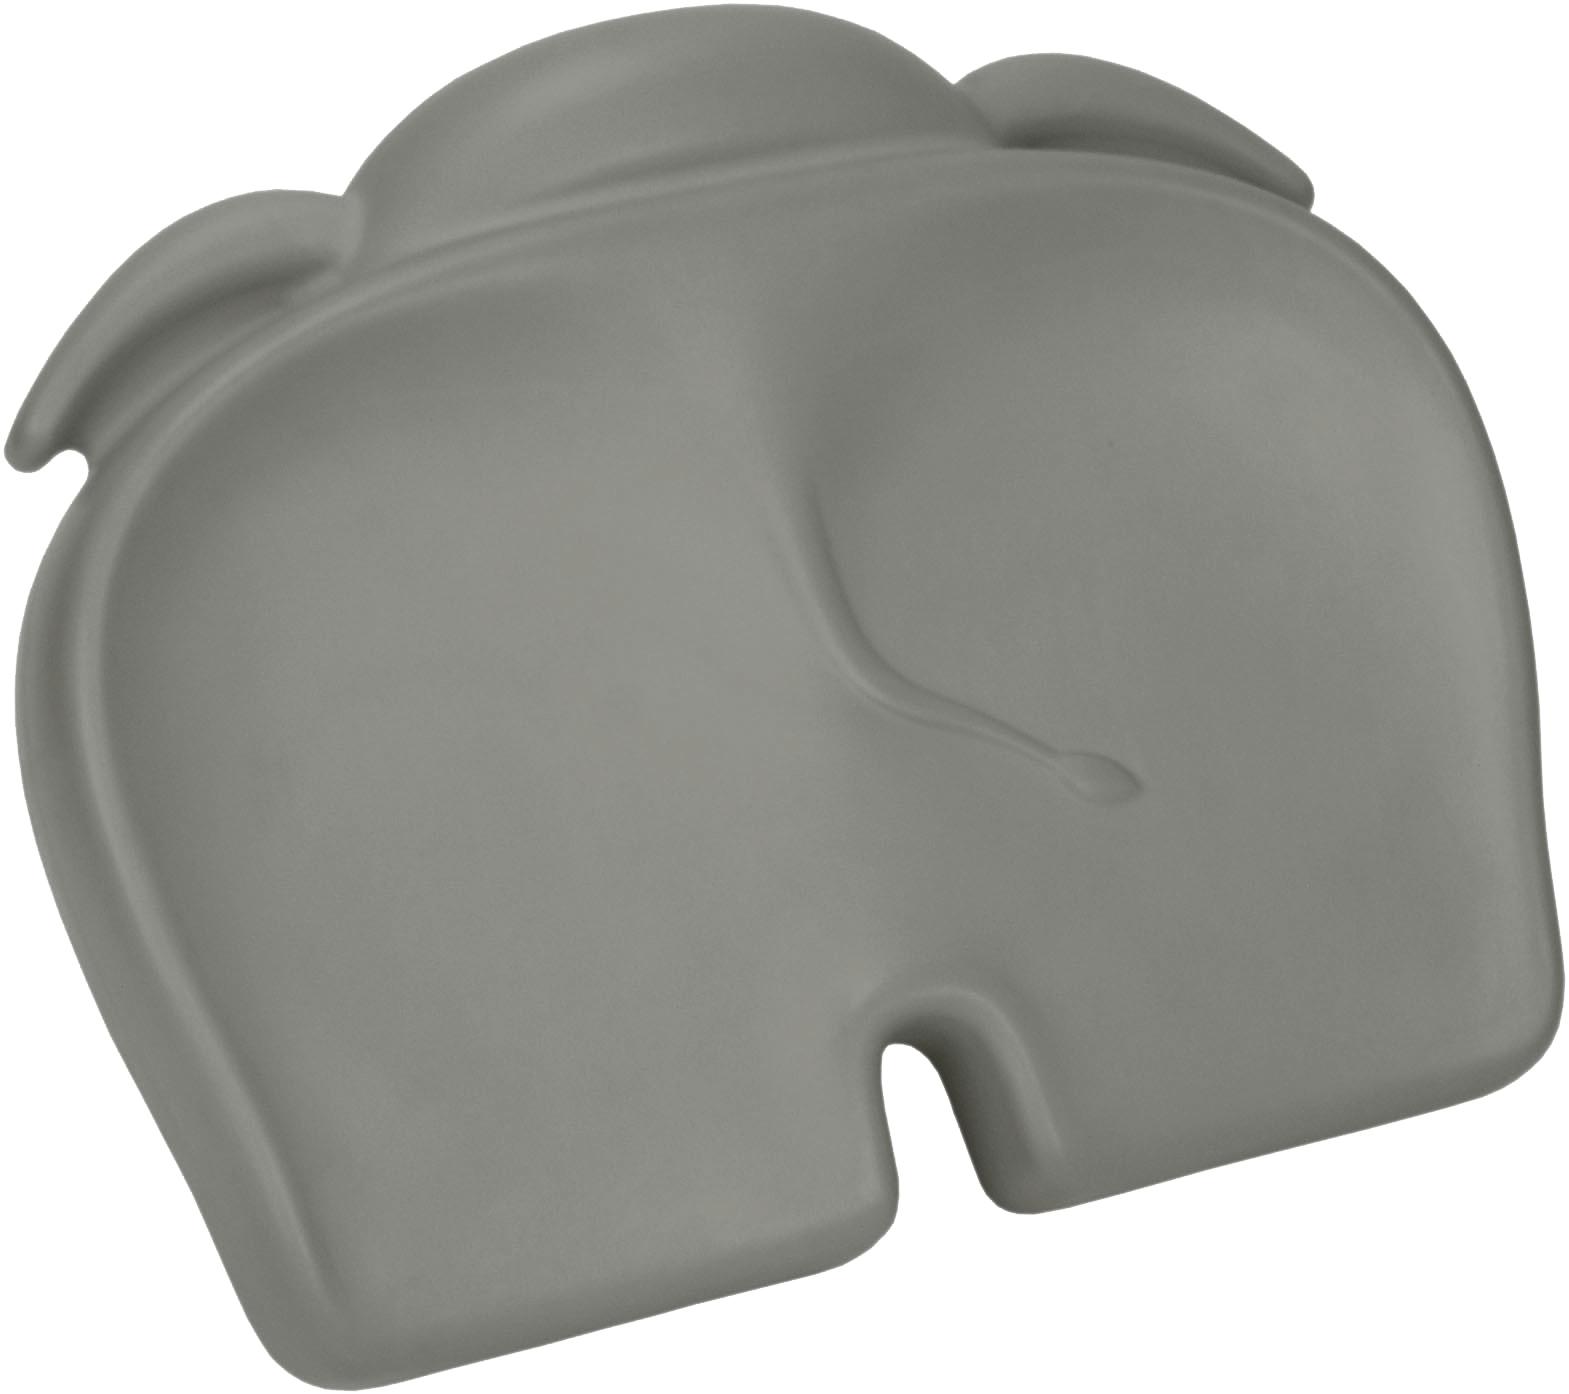 Bumbo Elipad (Grey) image